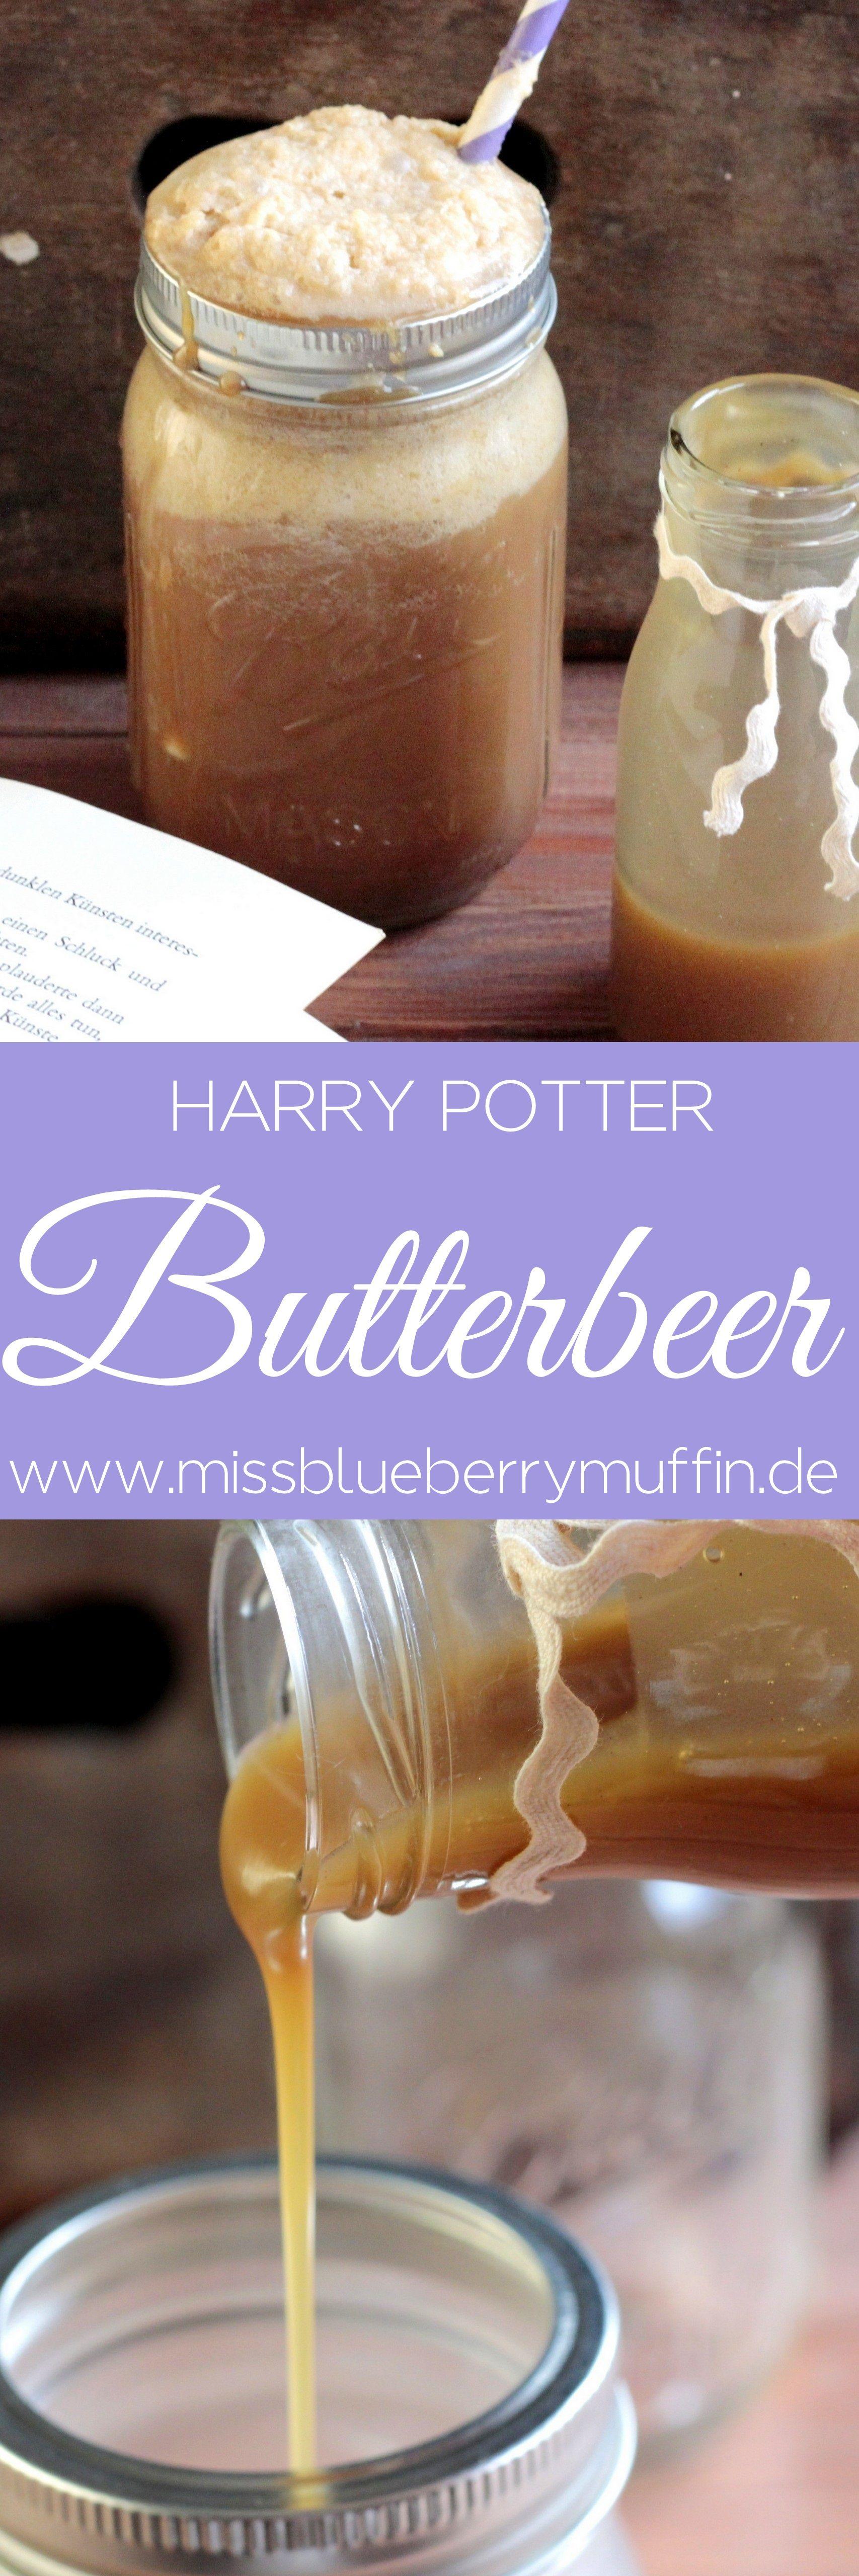 Mein Rezept Fur Butterbier Harry Potter Butterbeer 3 Best Friend Harry Potter Butter Beer Harry Potter Food Harry Potter Cake